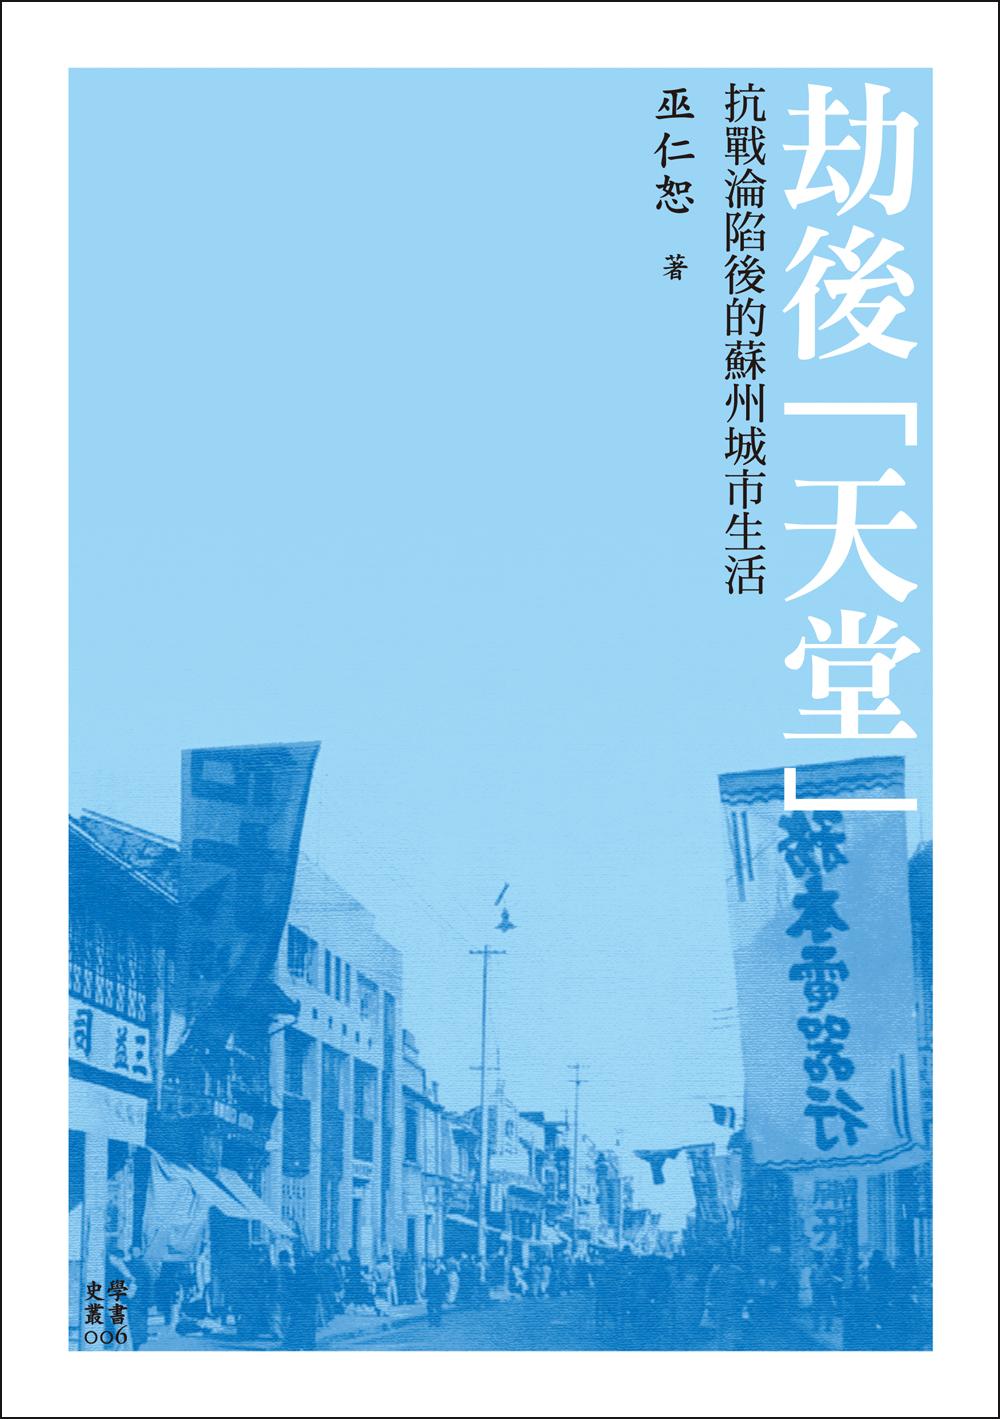 劫後「天堂」──抗戰淪陷後的蘇州城市生活